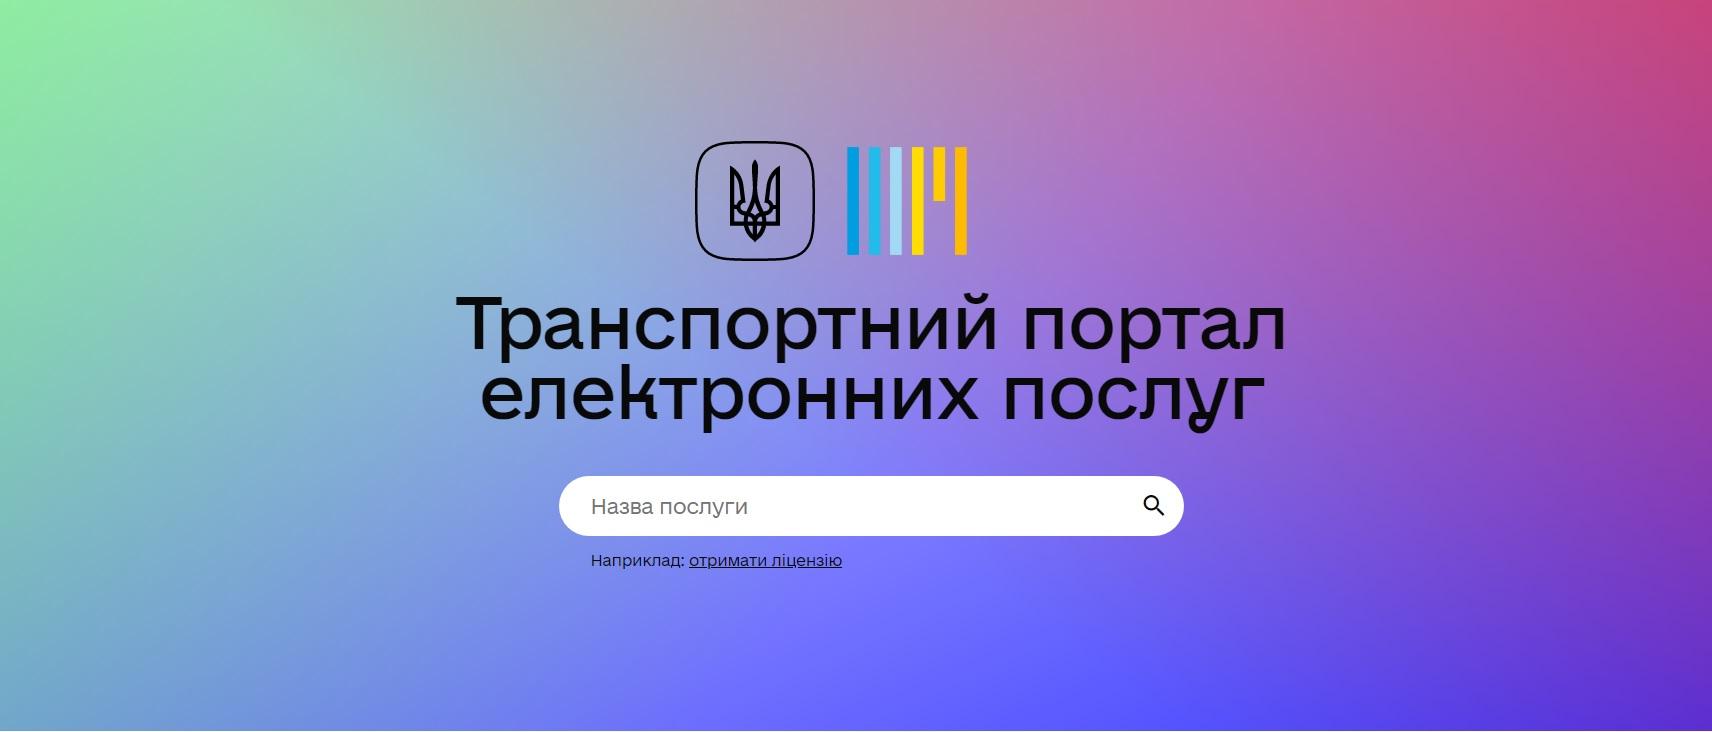 В Україні запустили транспортний портал електронних послуг (ВІДЕО) -  - Transportnyj portal